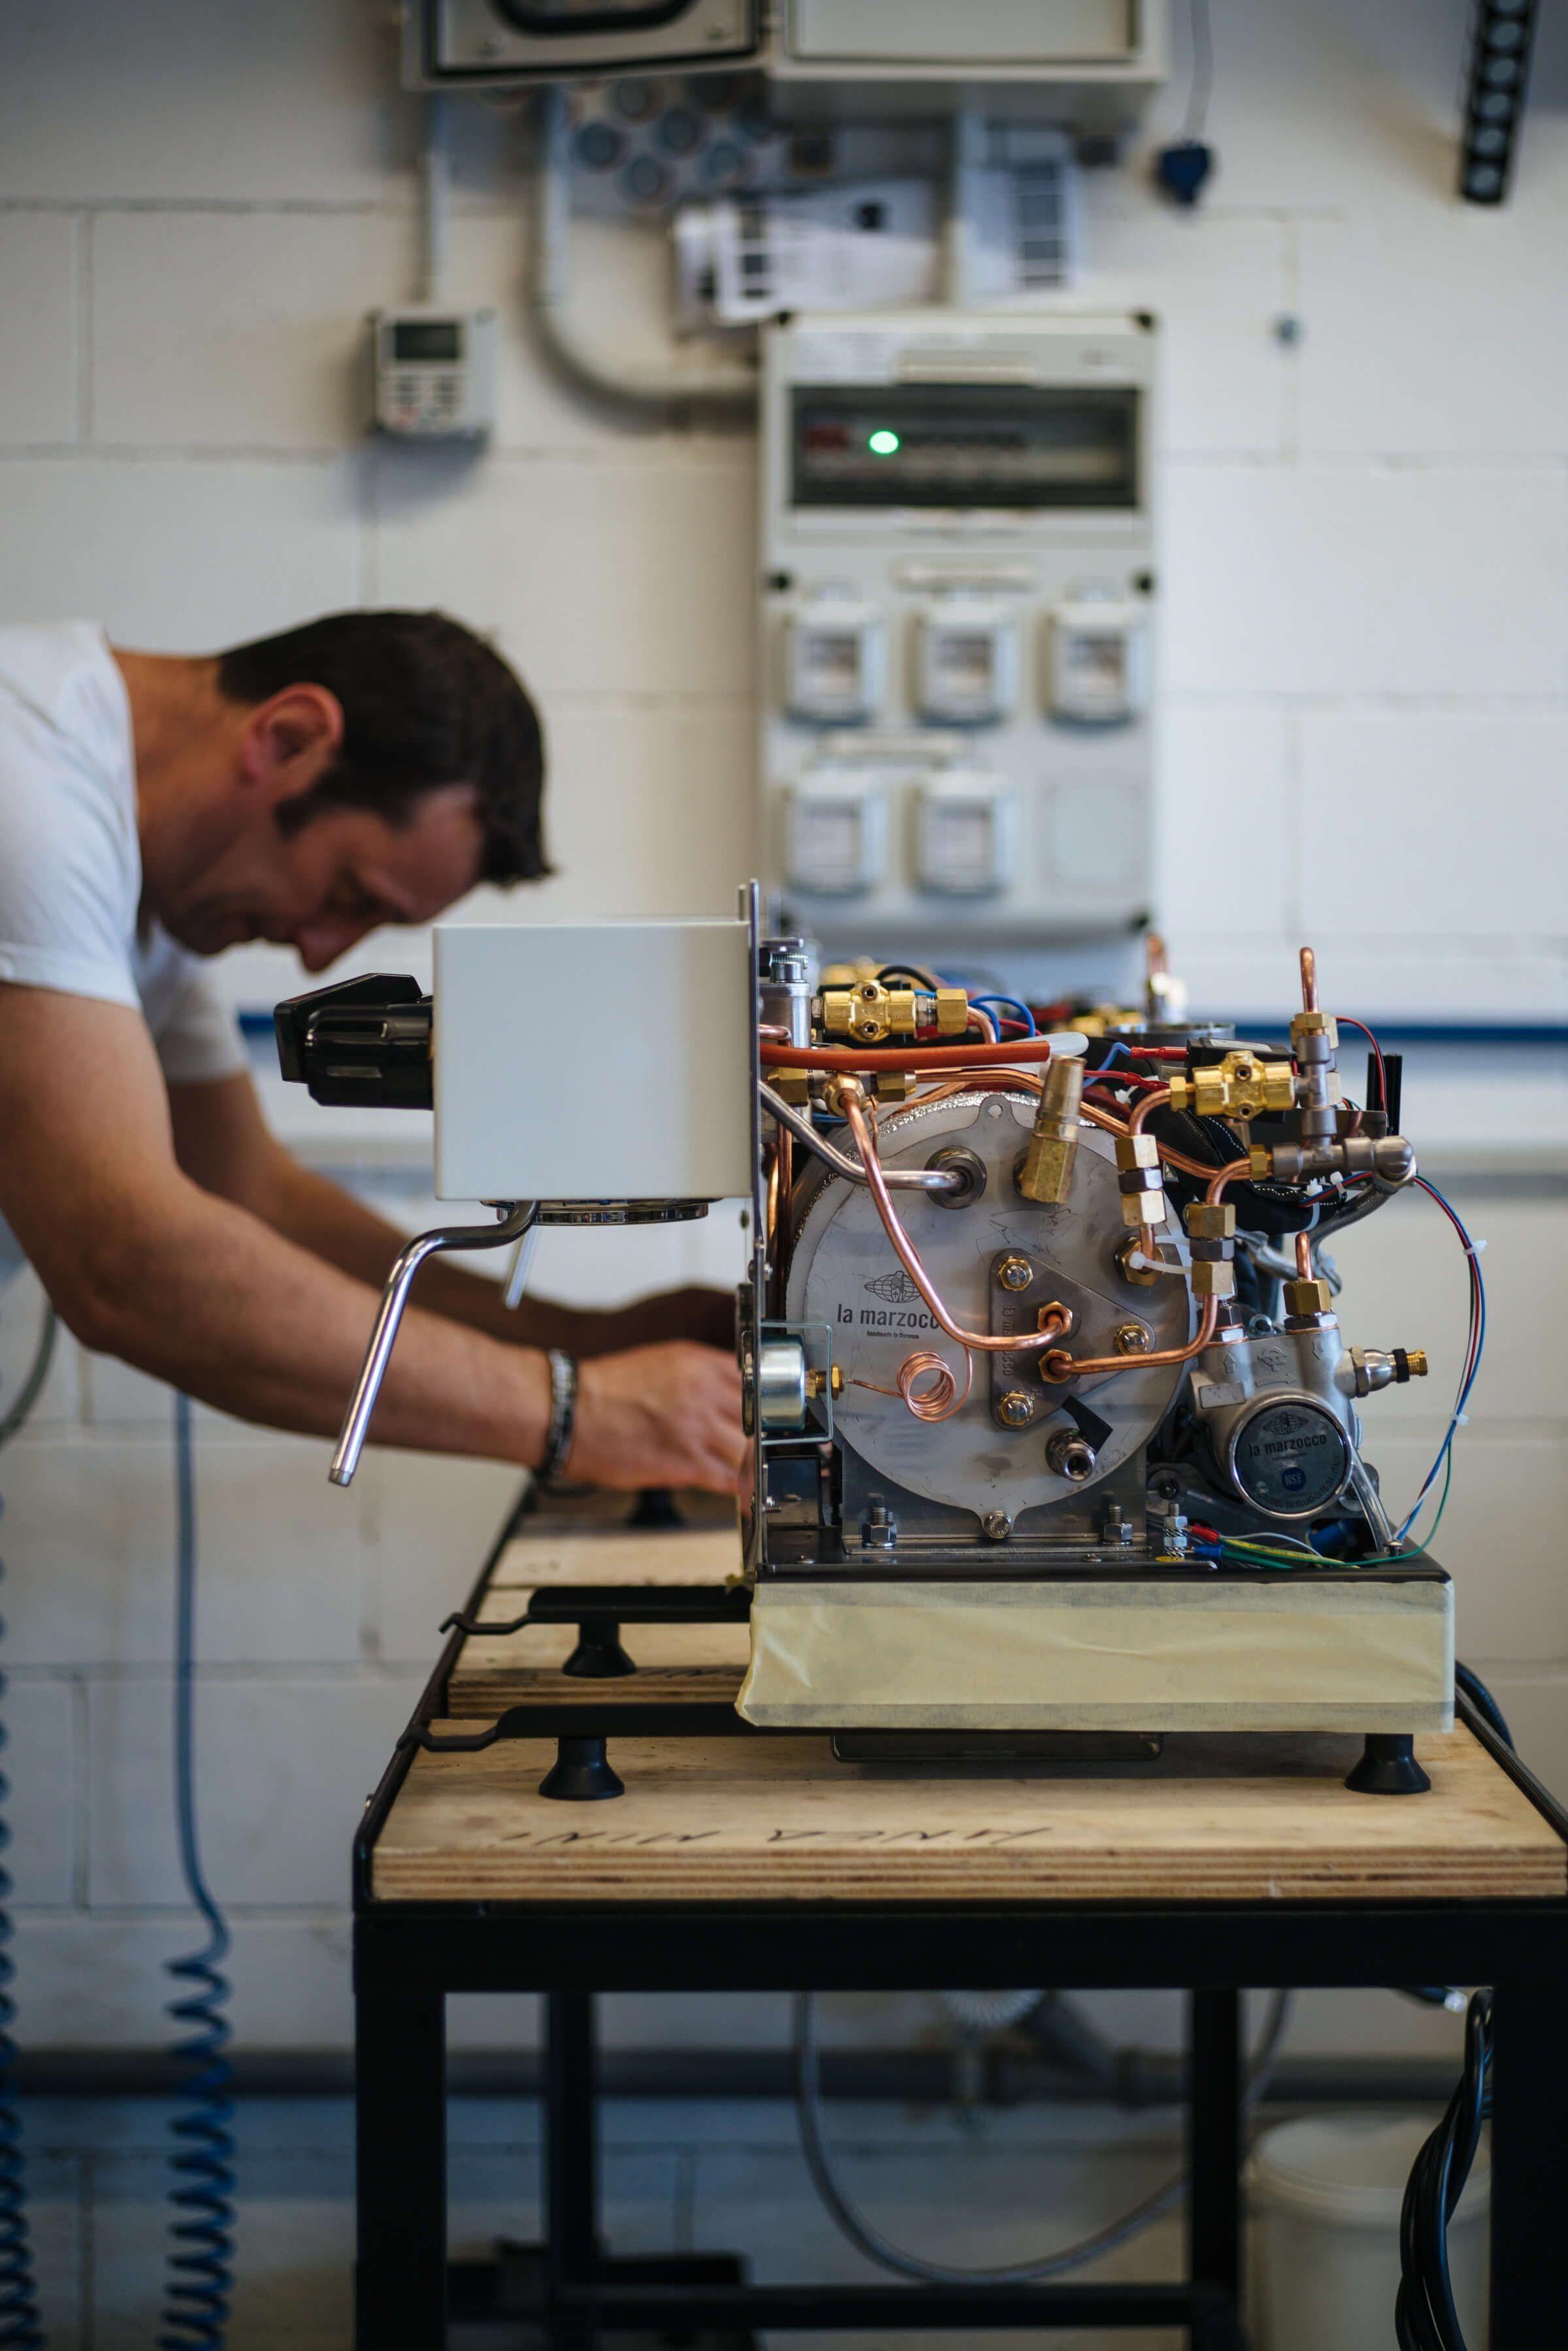 Inside the La Marzocco Espresso Machine Factory, Florence